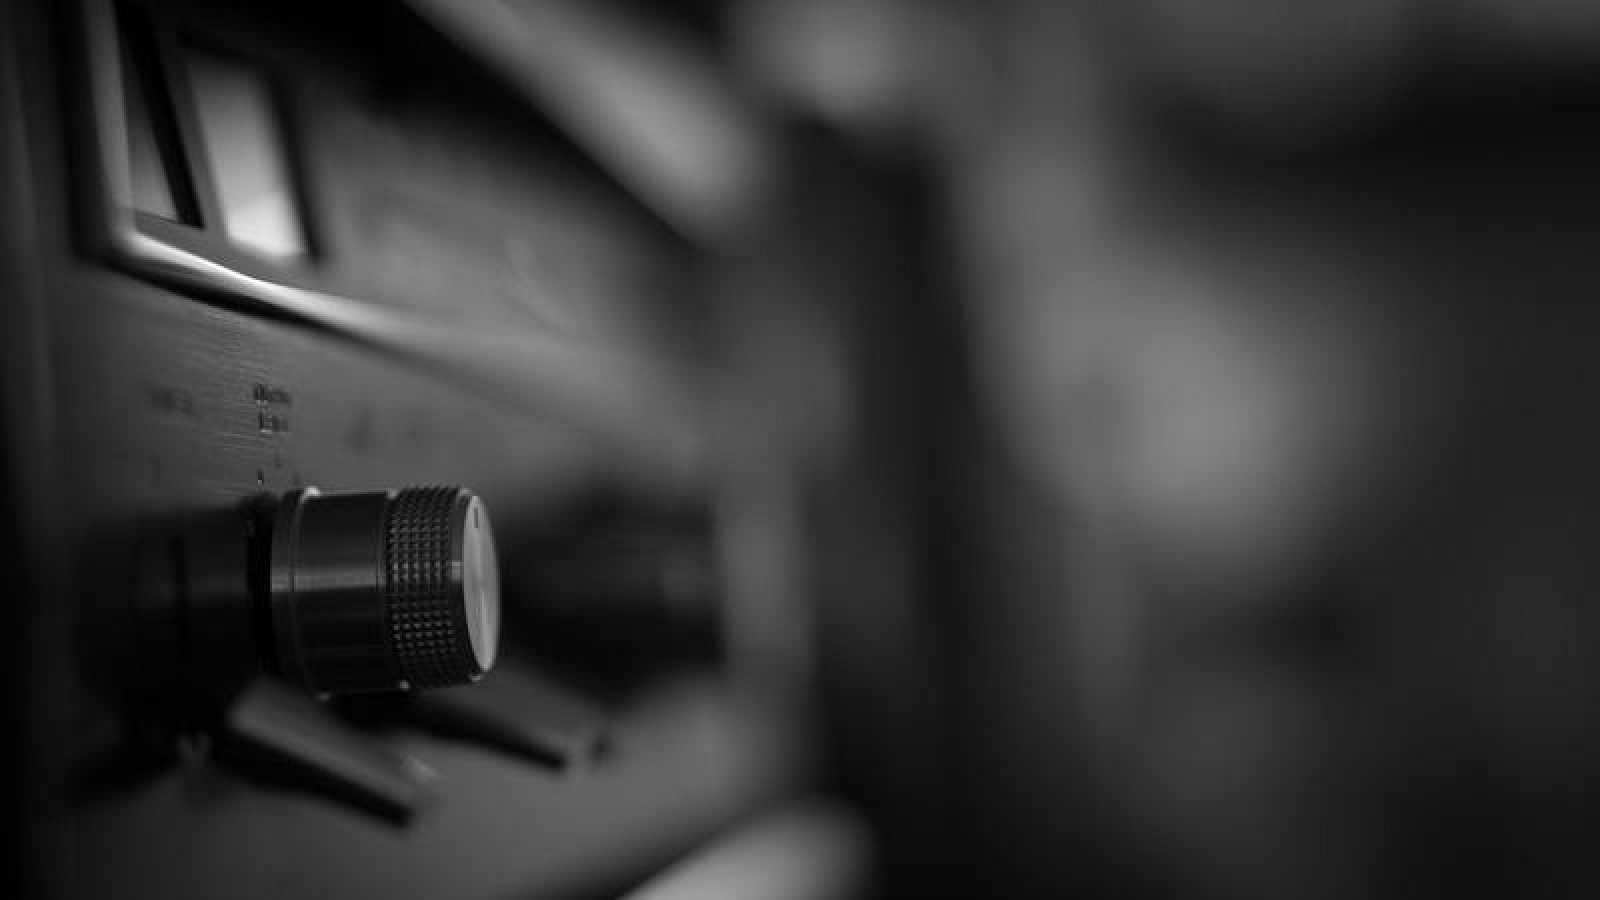 Somos tu radio: nueva programación de Radio Clásica